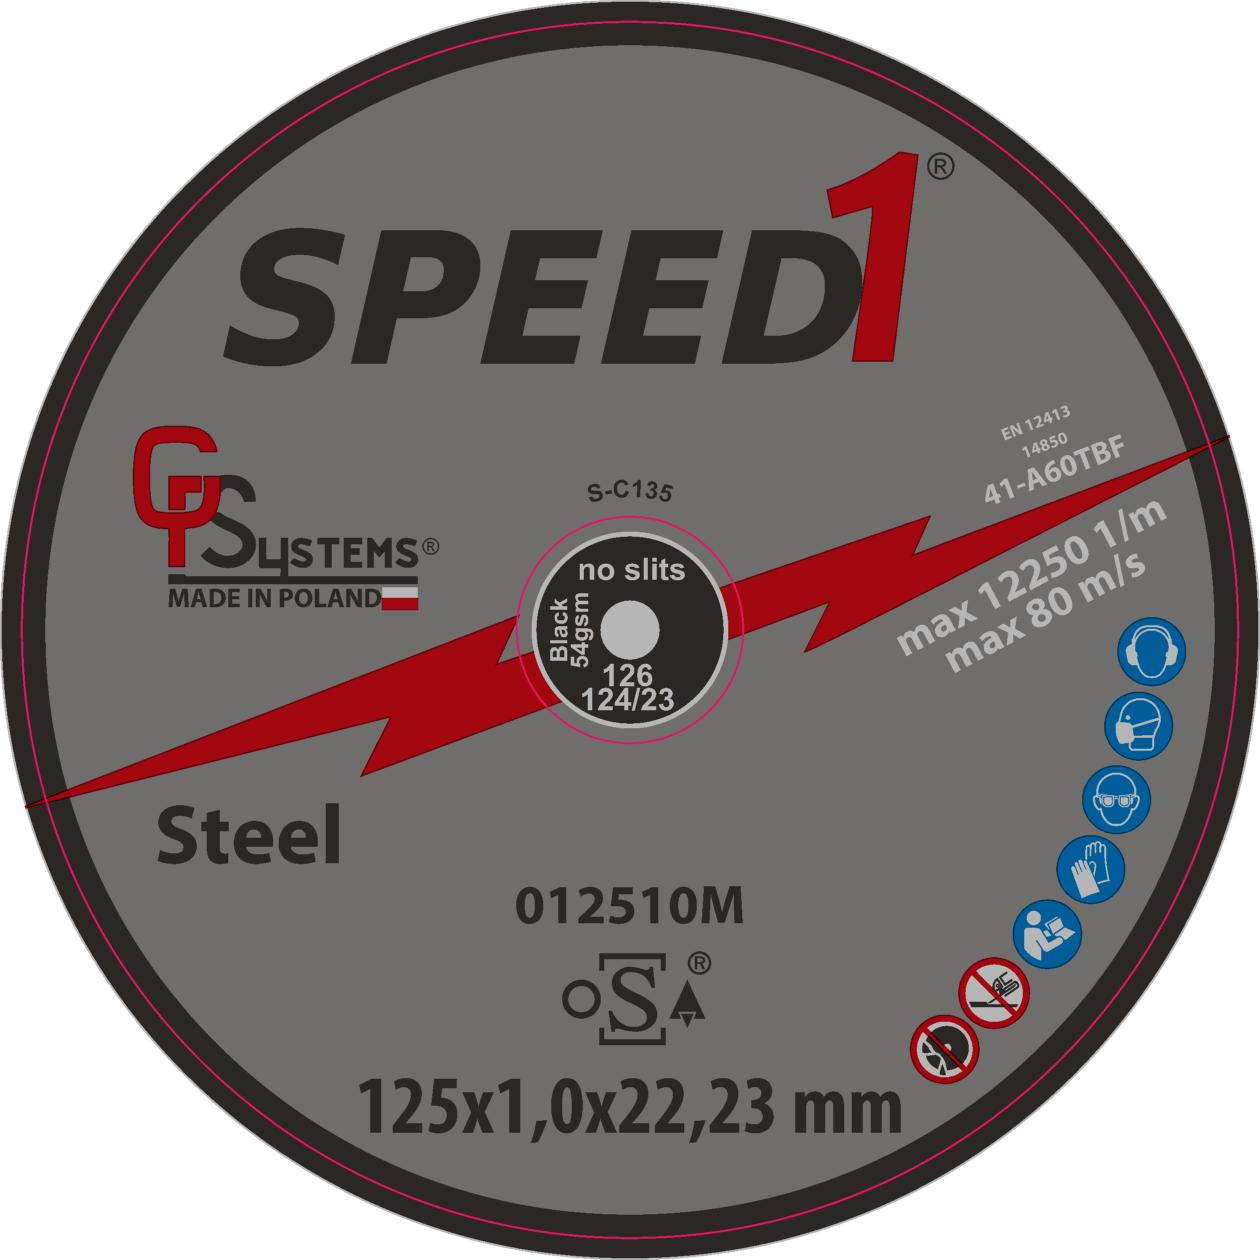 DachHolding gpsystems Speed1 - Tarcza do cięcia metalu 125x1,0x22,23mm